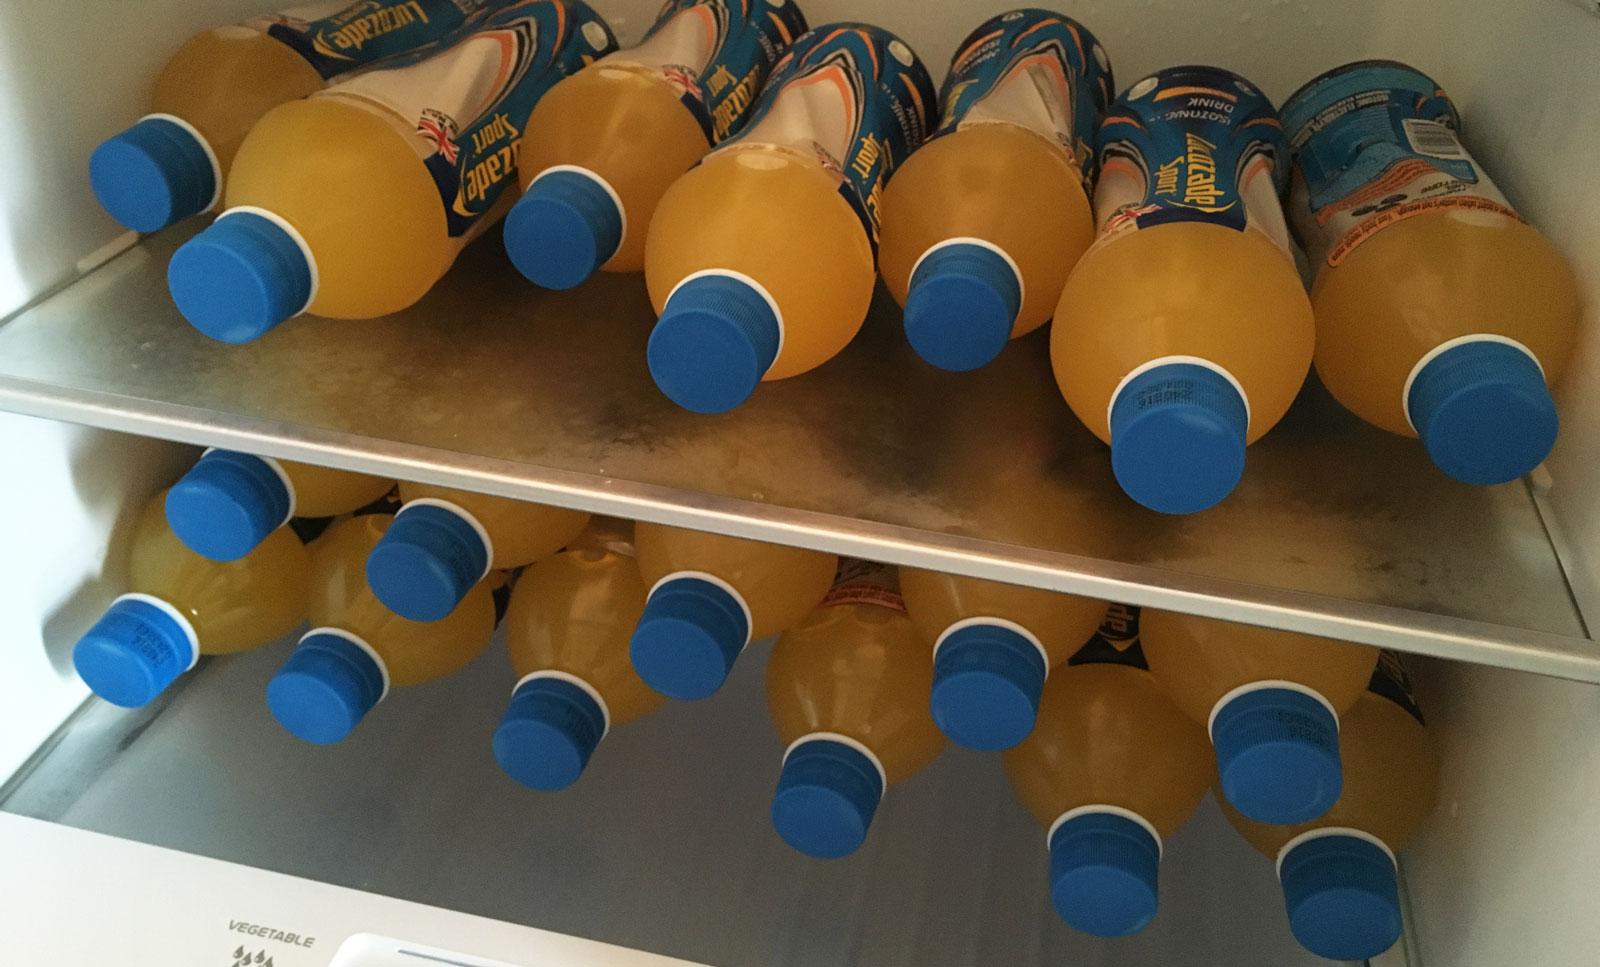 energy-drinks-in-fridge